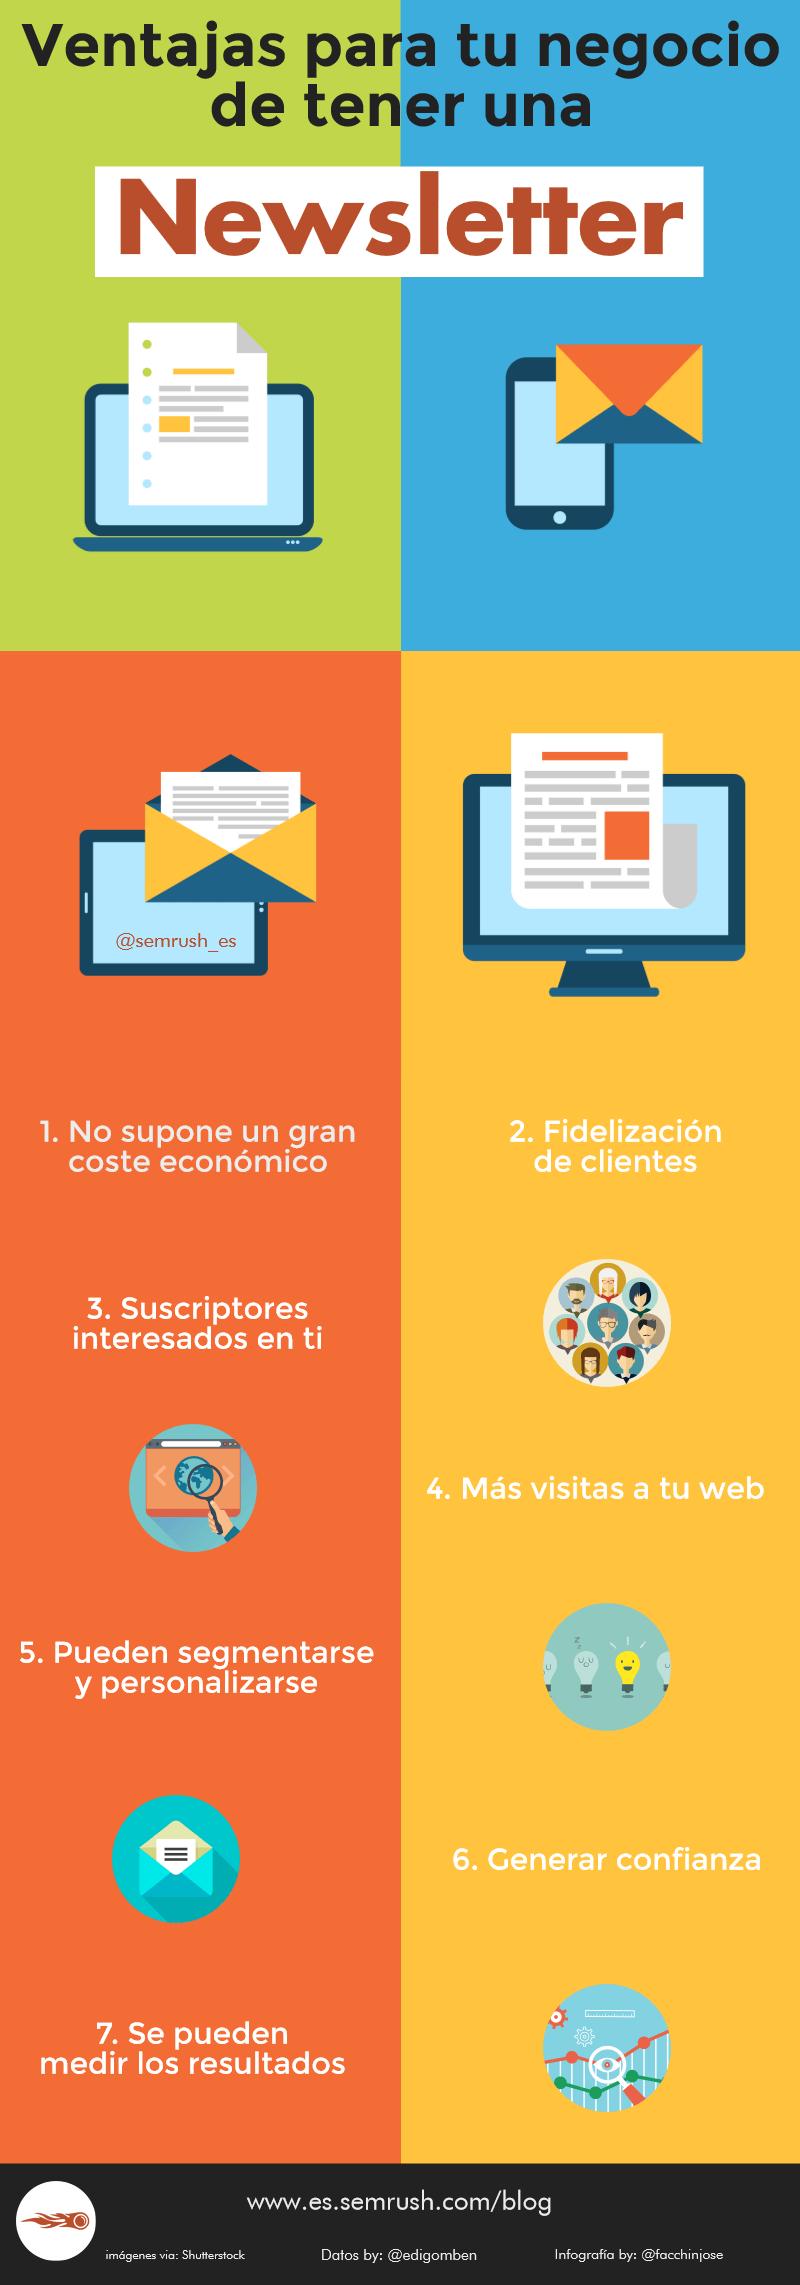 Ventajas de diseñar una newsletter para tu negocio